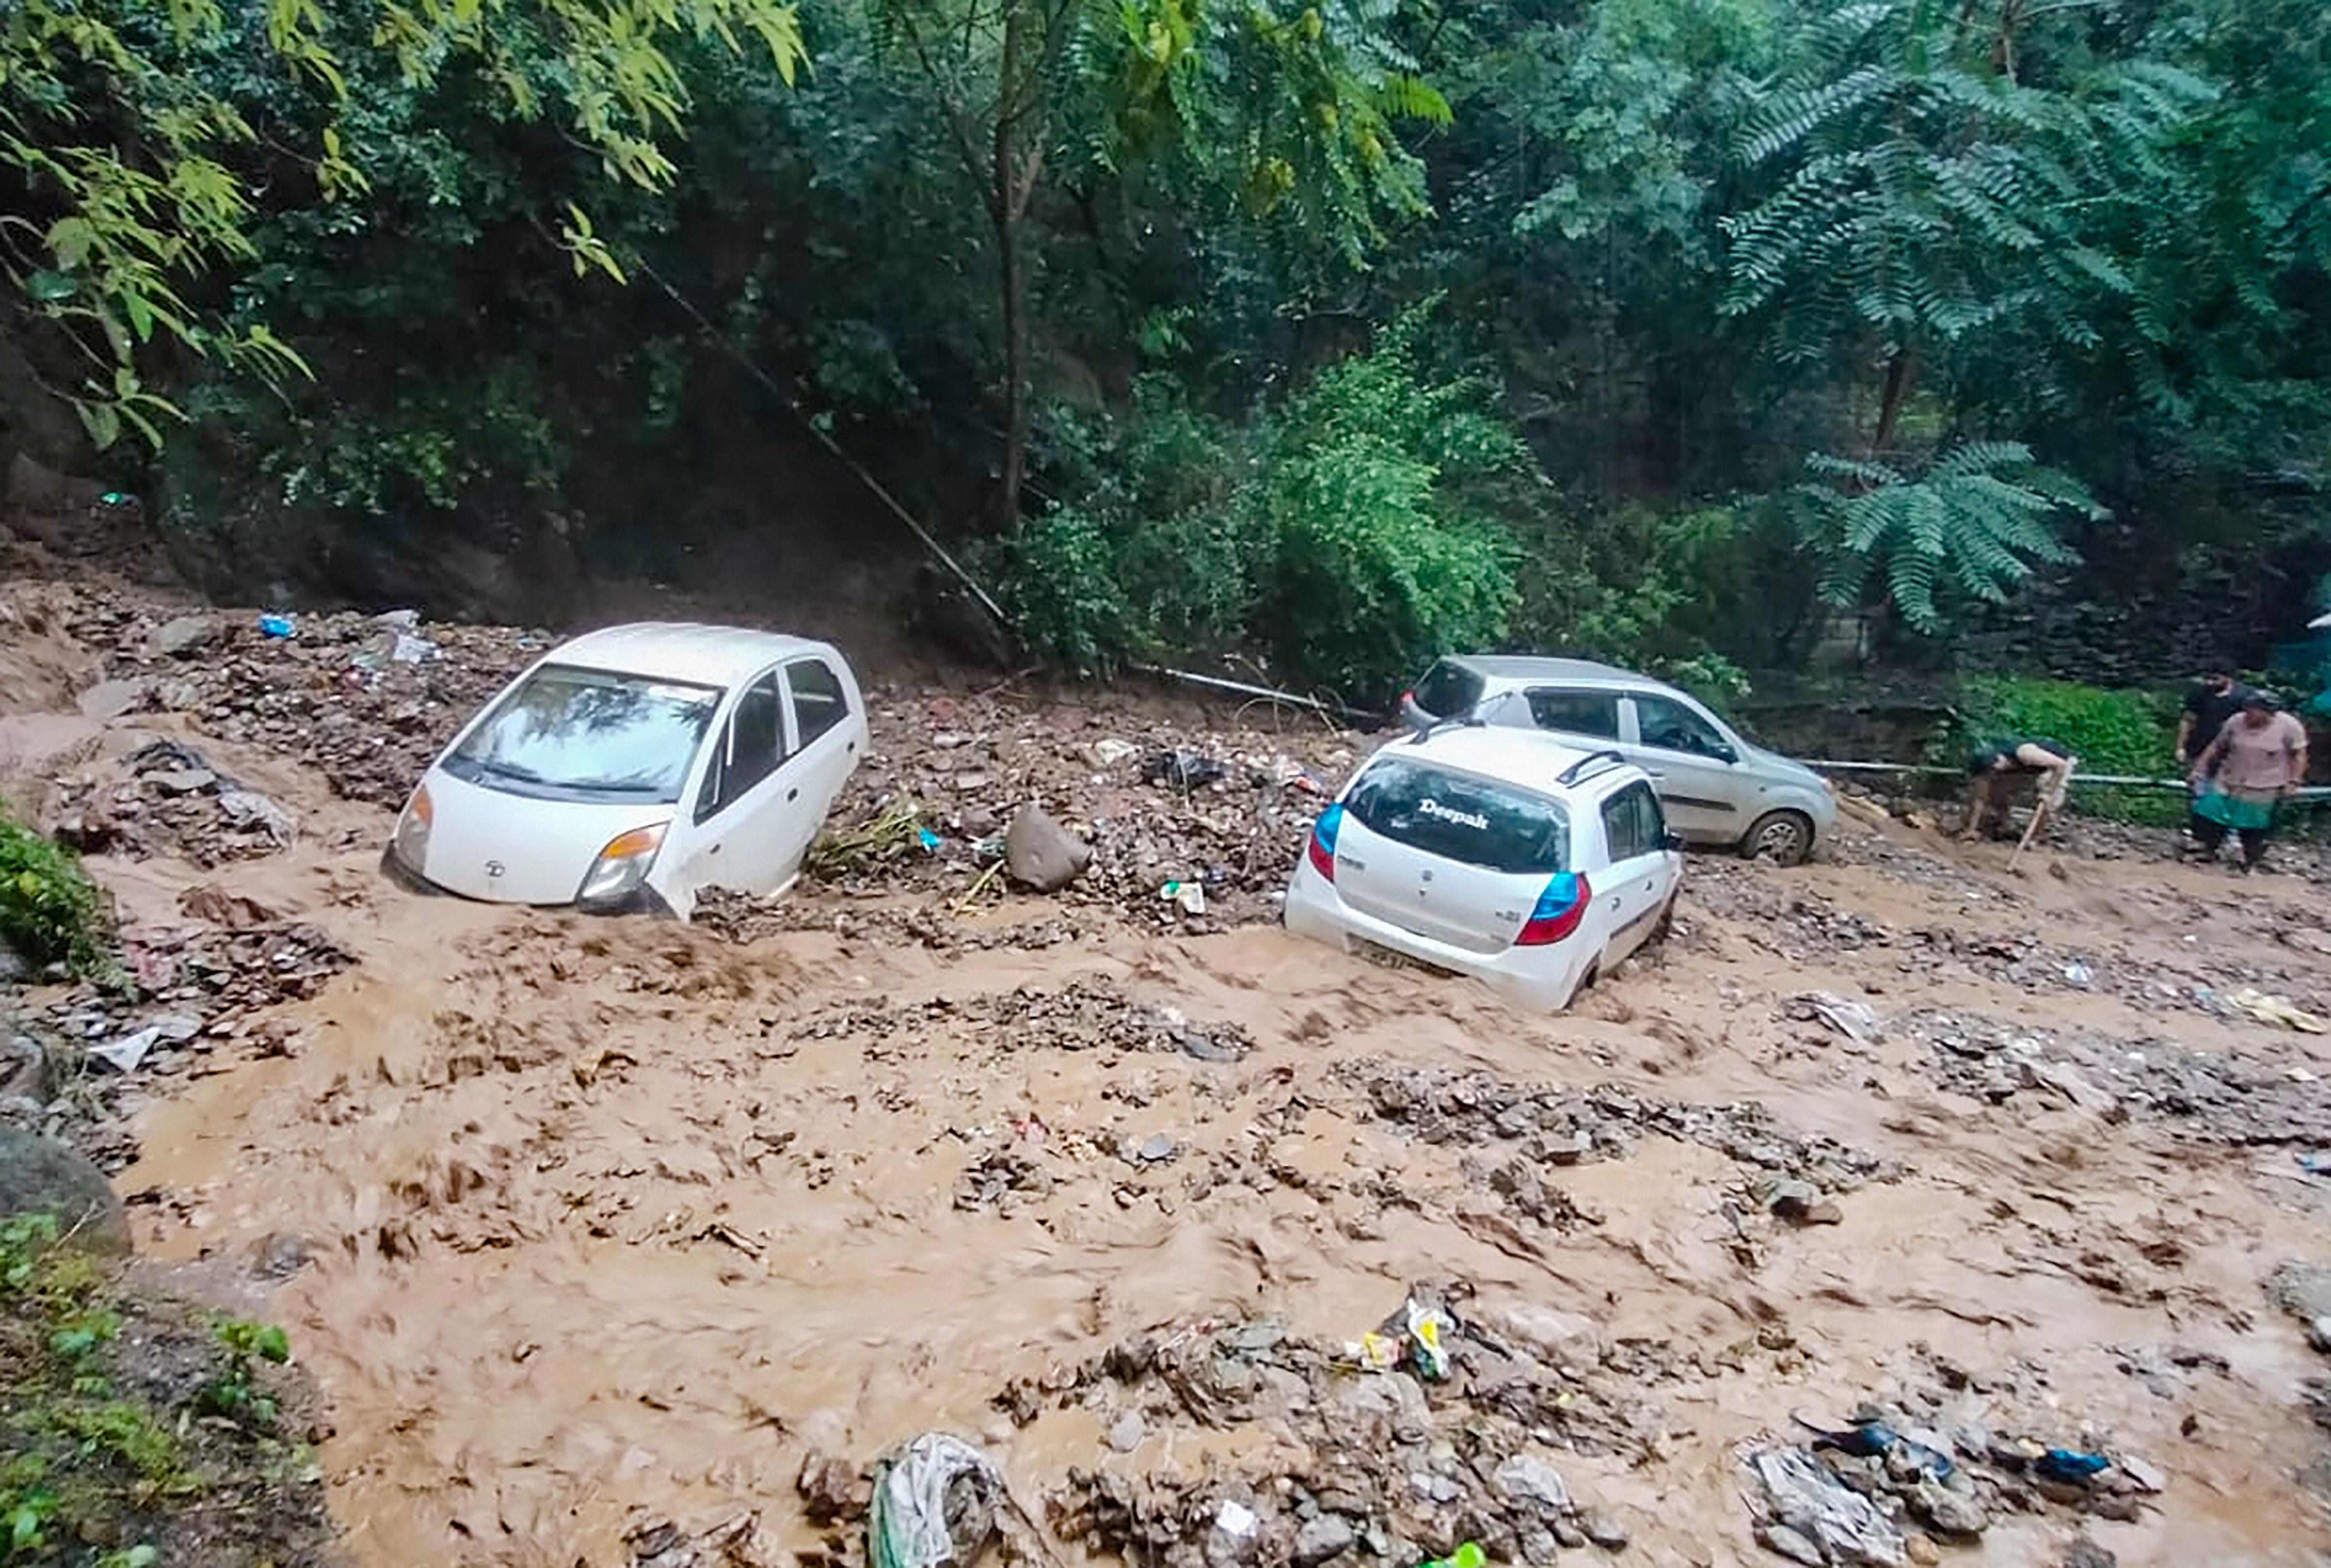 हिमाचल के कुल्लु में बारिश के बाद कारें कीचड़ में फंस गईं।